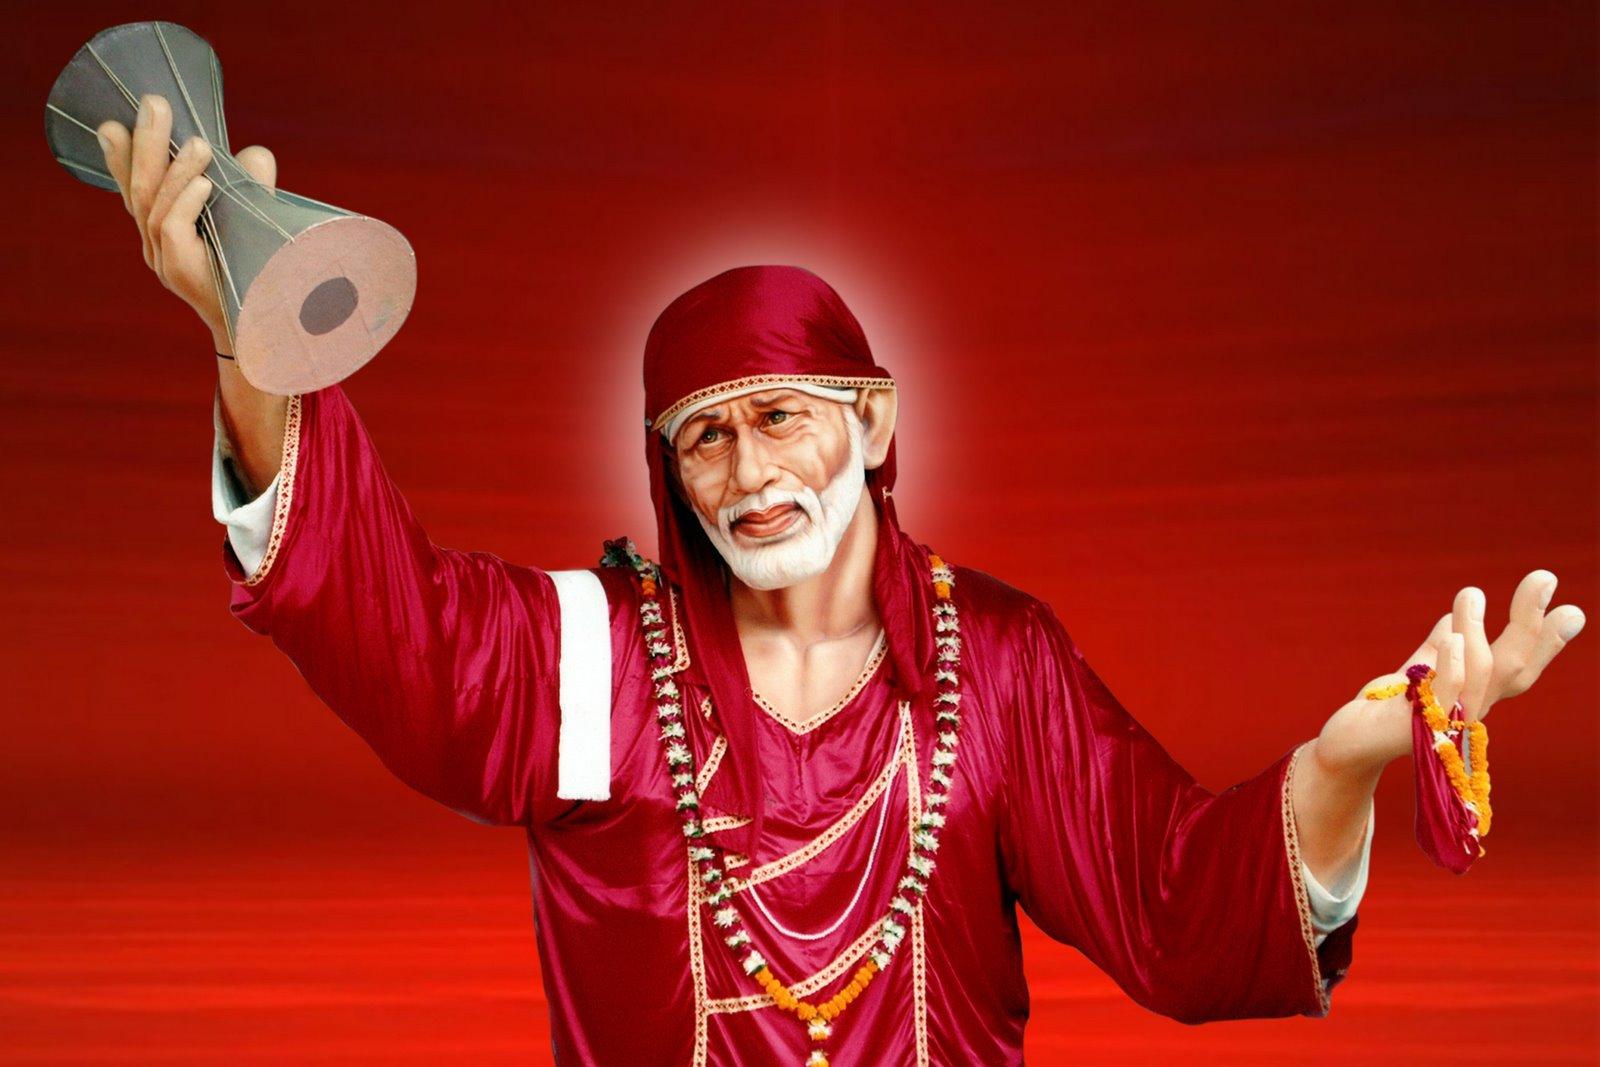 http://2.bp.blogspot.com/-QwLvKfrDn9c/UUBilitqtLI/AAAAAAAA5cY/a-GC-B3i-4w/s1600/Sai+Baba+5.jpg